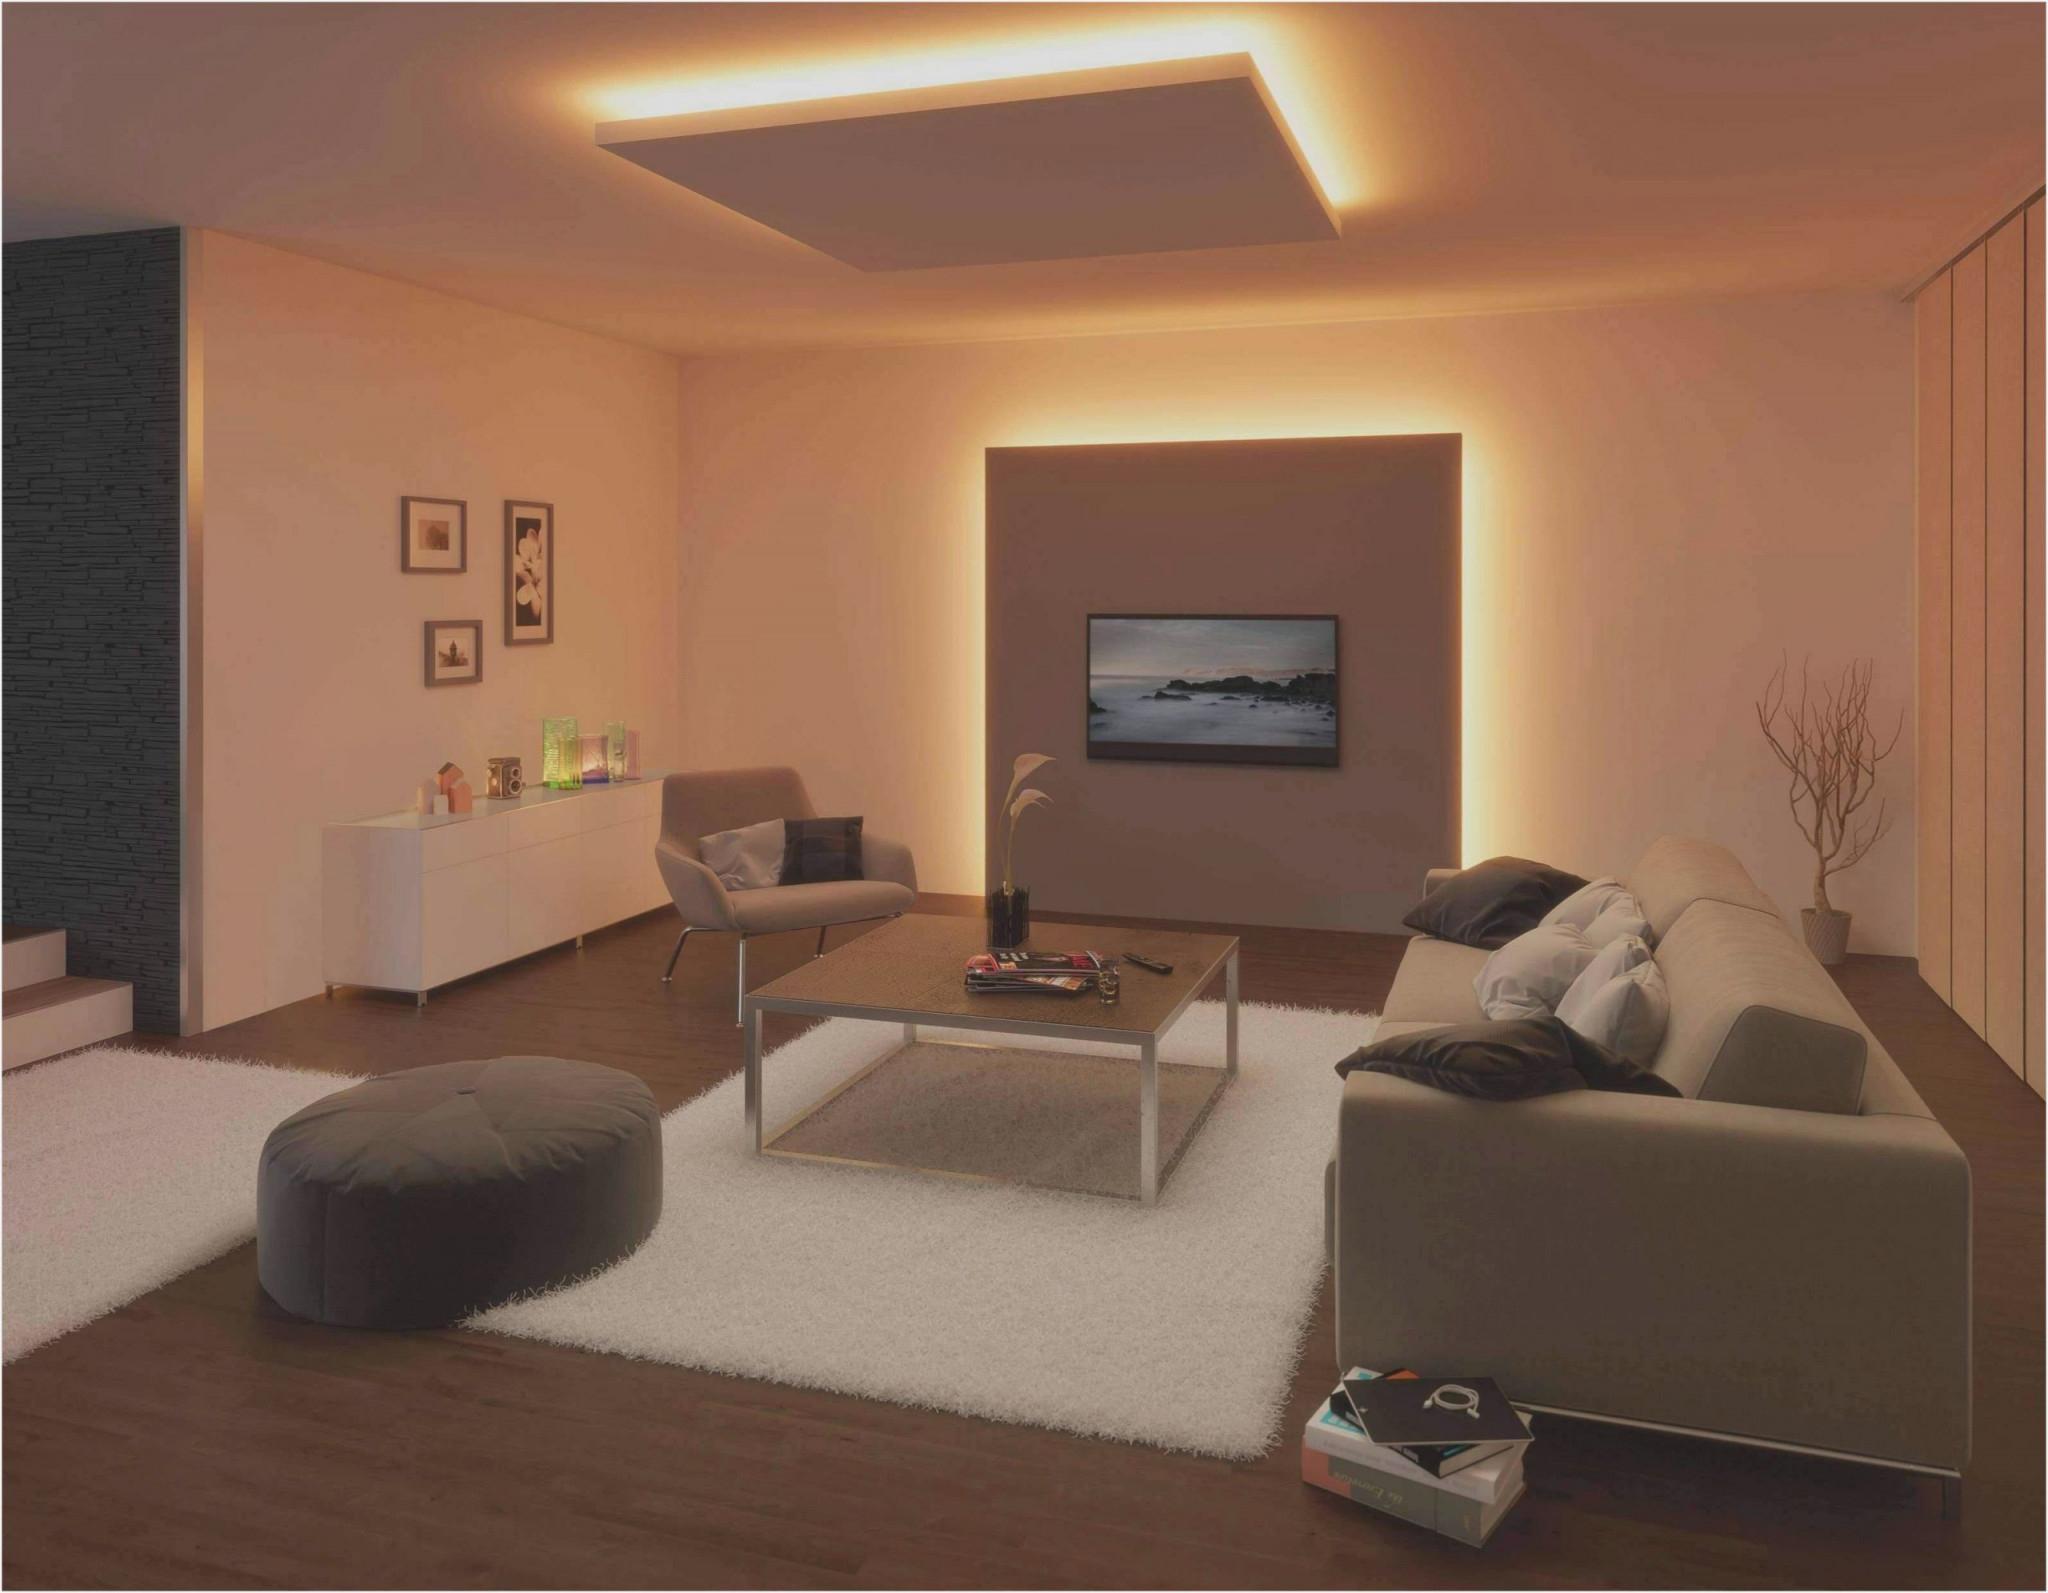 Wohnzimmer Lampe Indirektes Licht  Wohnzimmer  Traumhaus von Wohnzimmer Lampe Indirektes Licht Bild